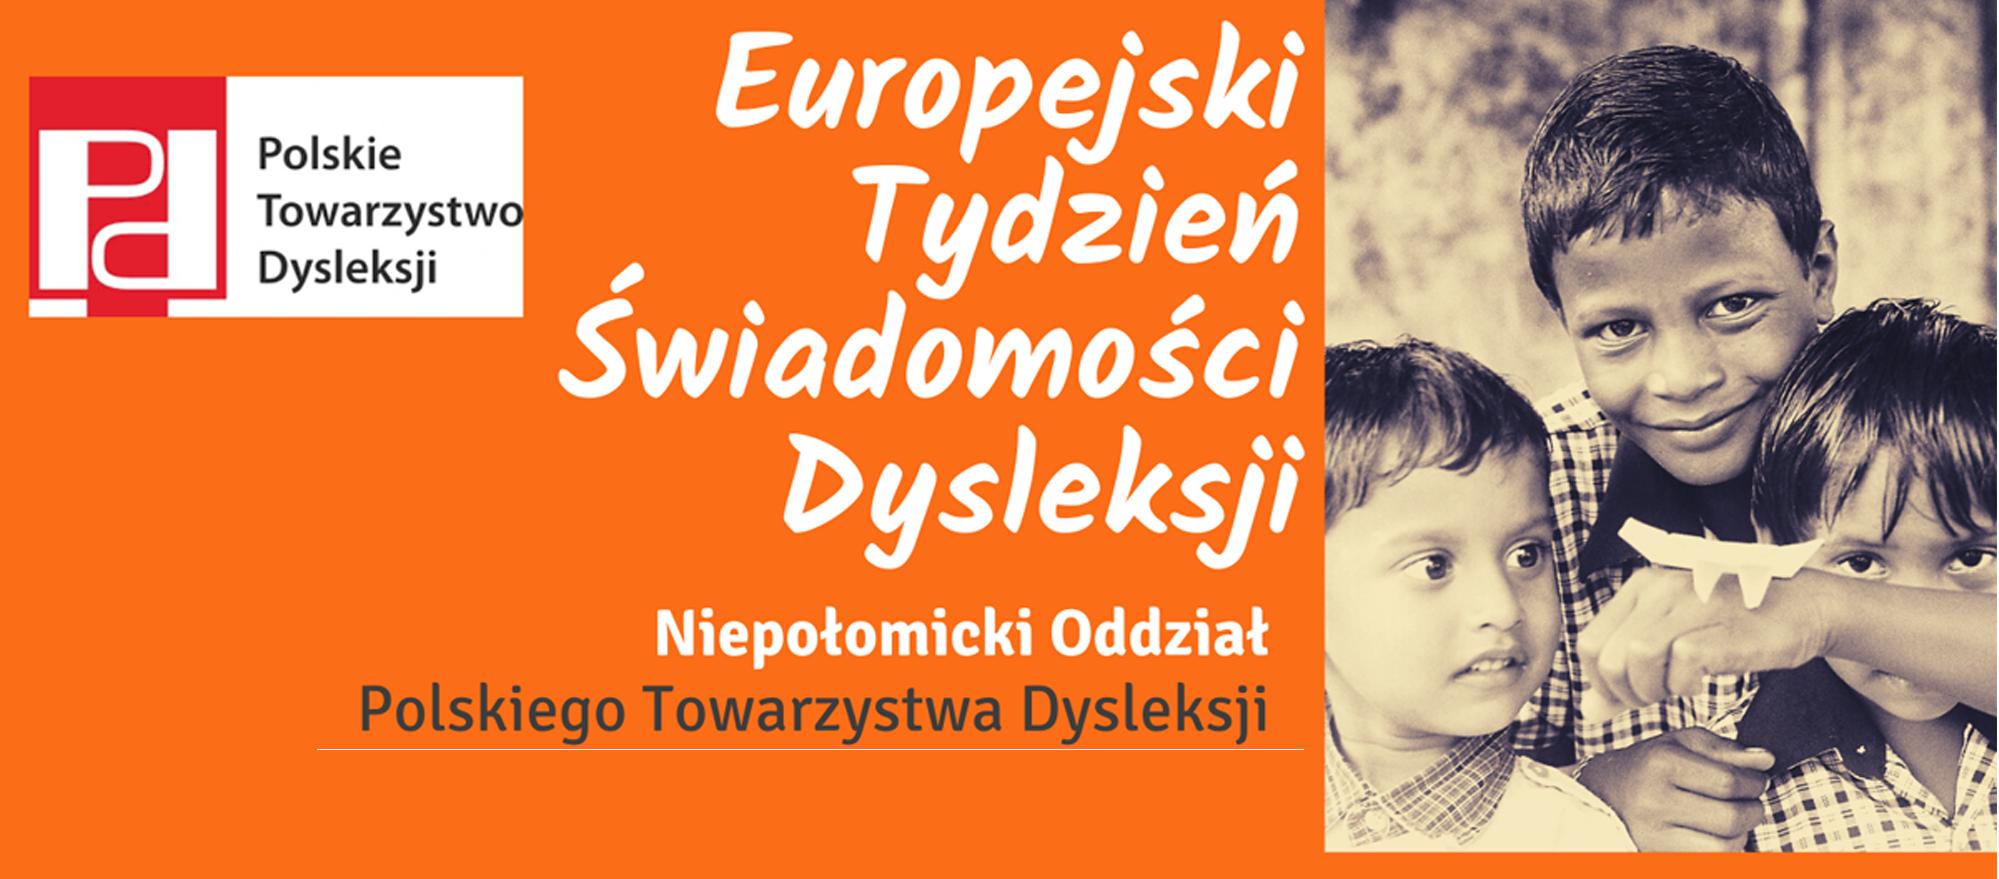 Europejski Tydzień Świadomości Dysleksji Niepołomicki Oddział Polskeigo Towrzystwa Dysleksji